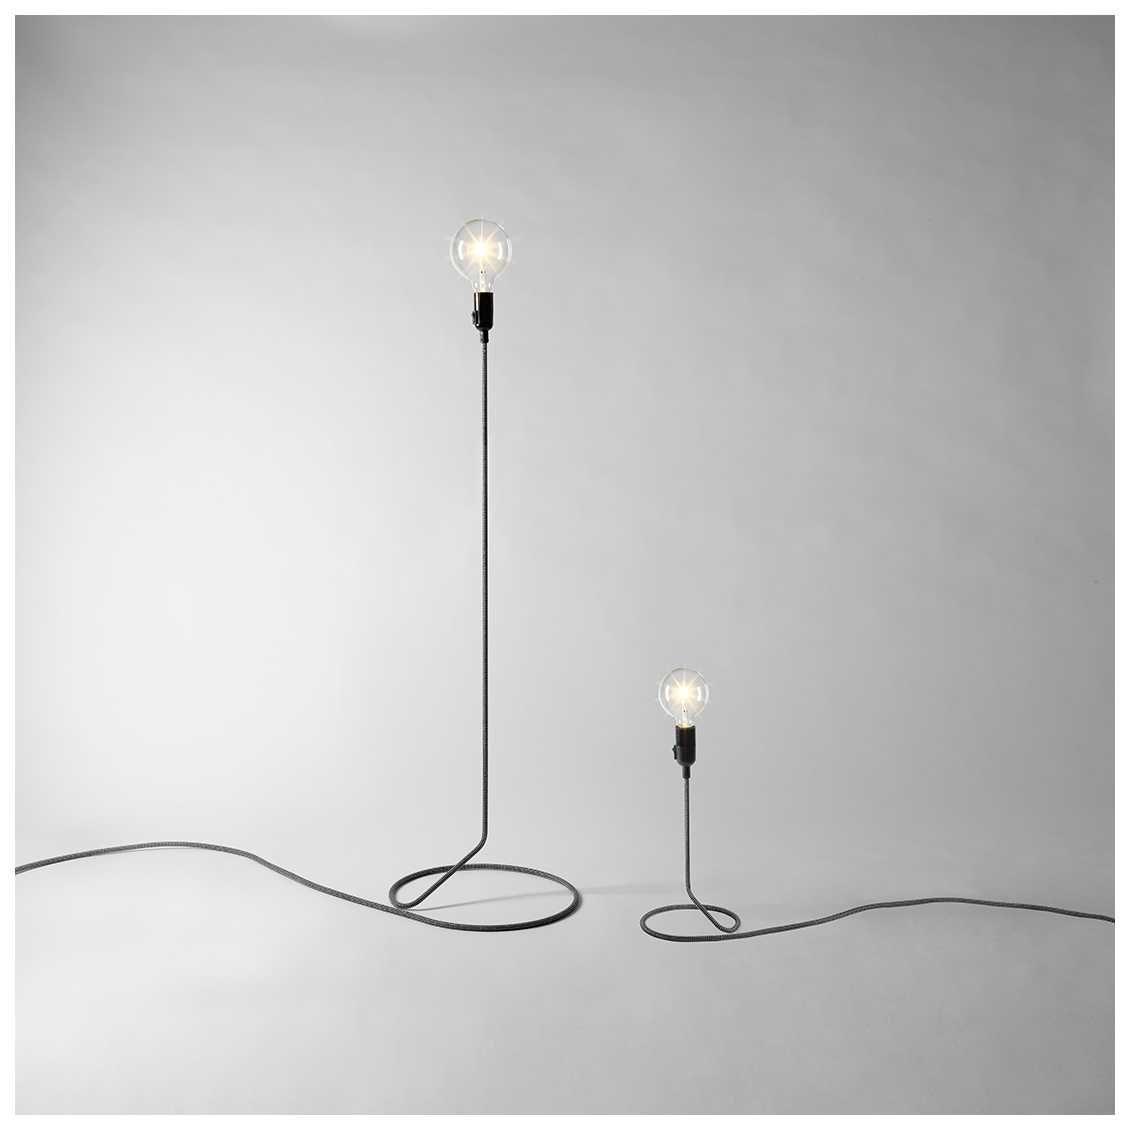 Design House Stockholm Cord Lamp Mini Misterdesign Floor Lamp